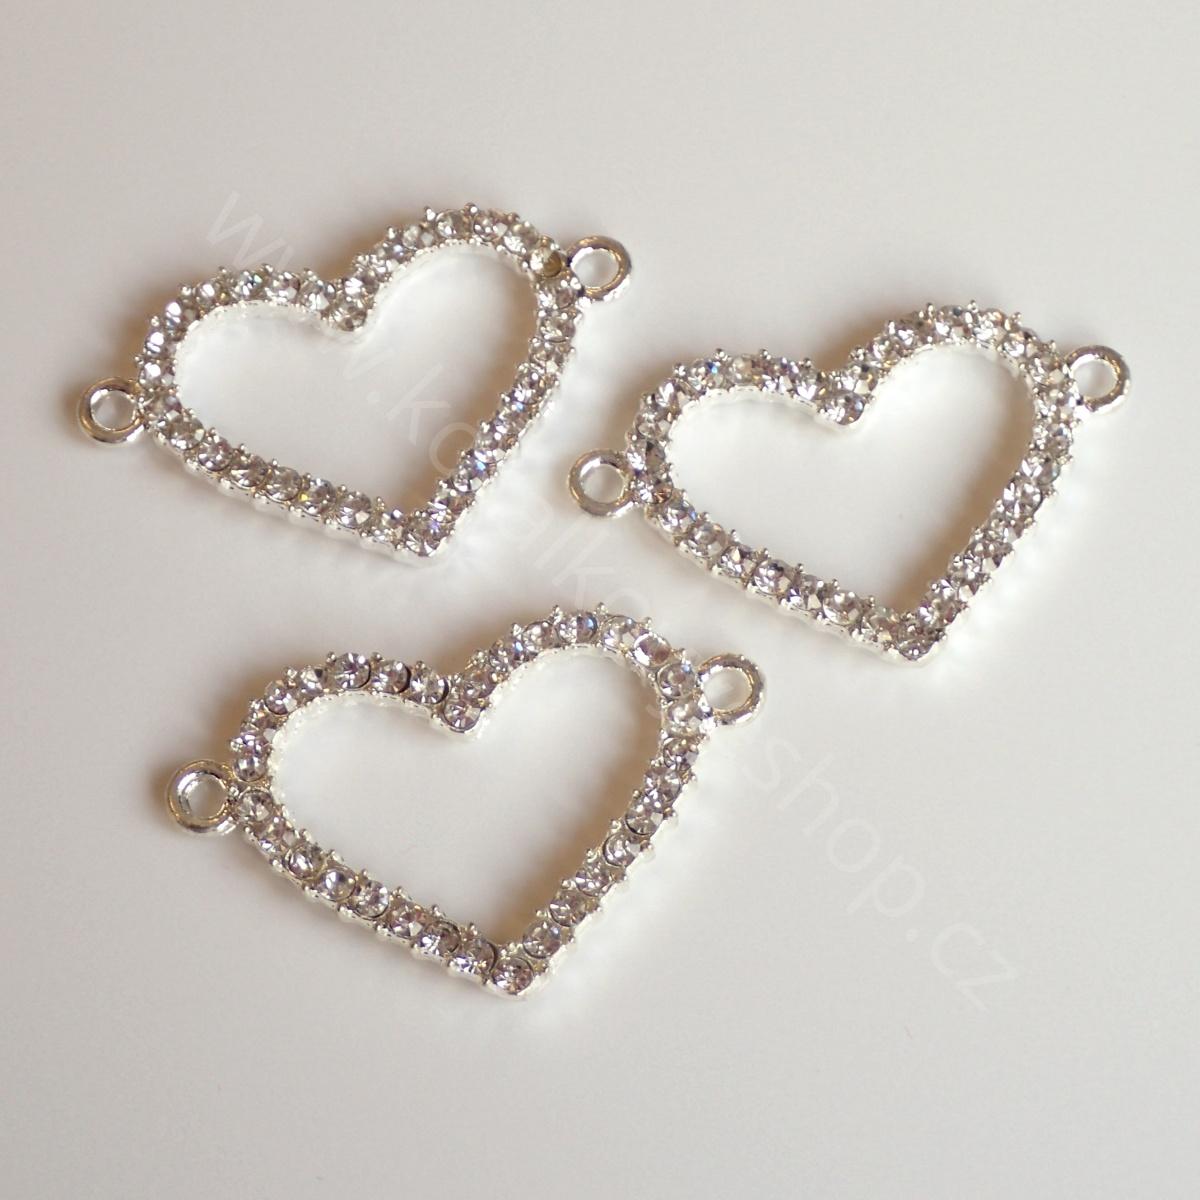 Srdce s kamínky a kroužky